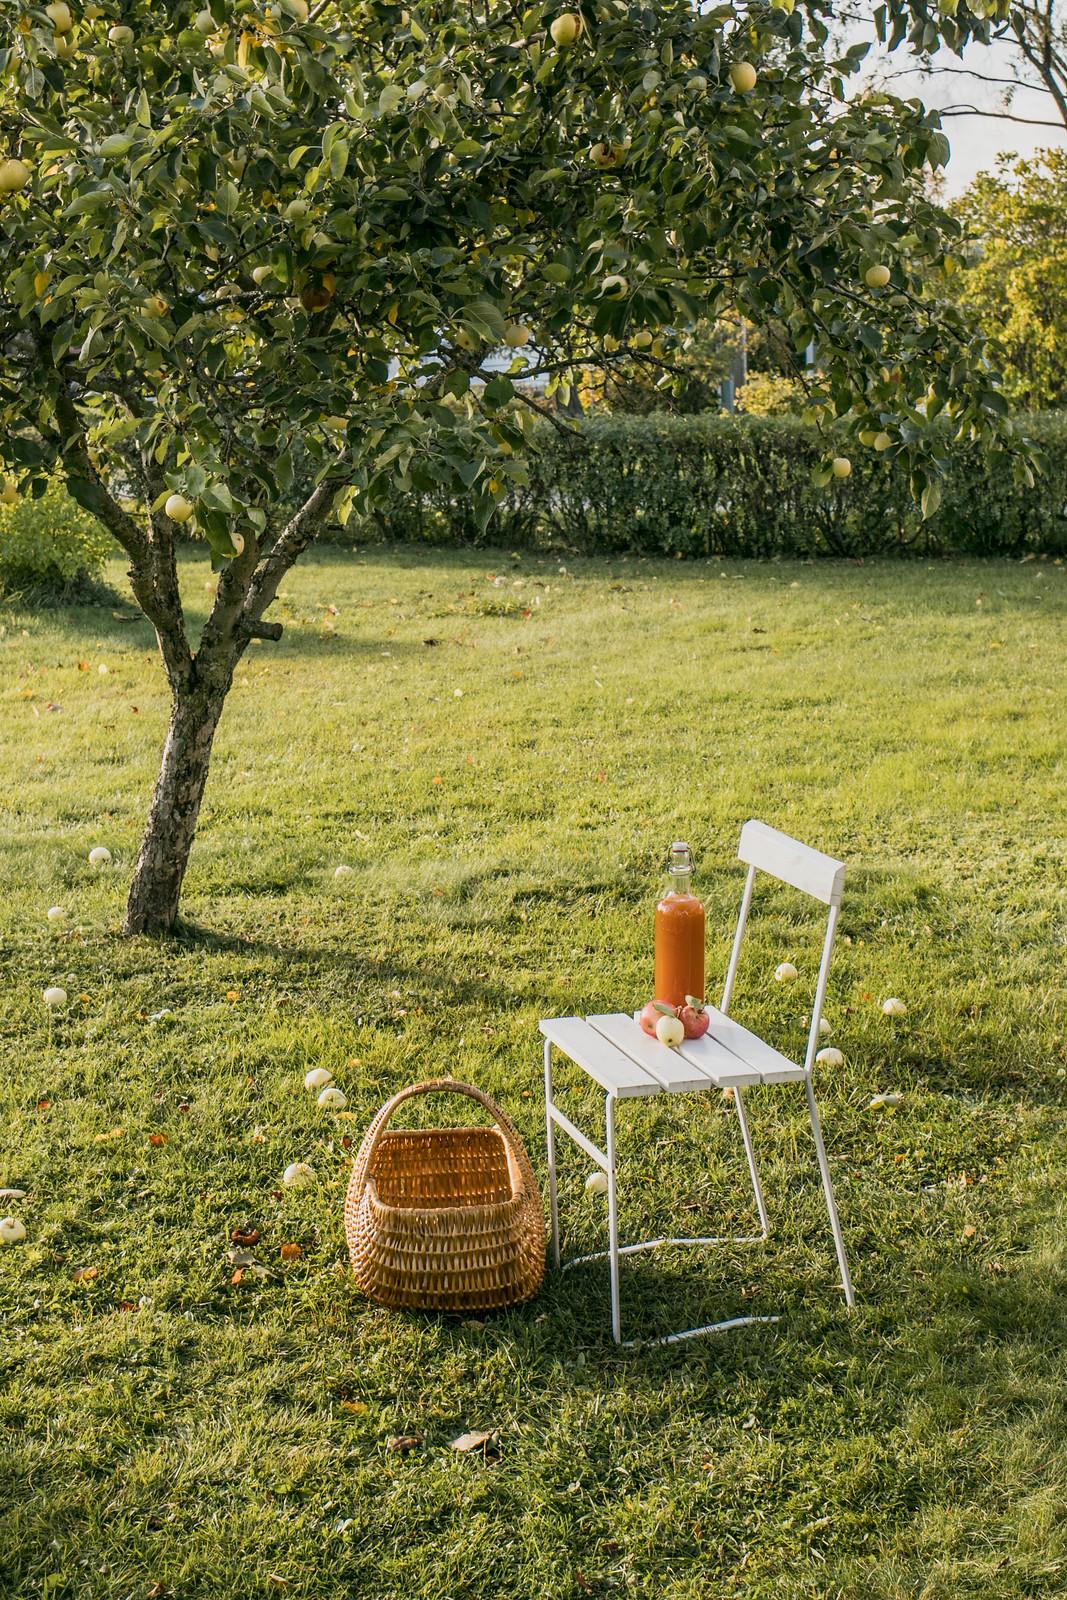 180923 - Äppelmustning i Bjästa